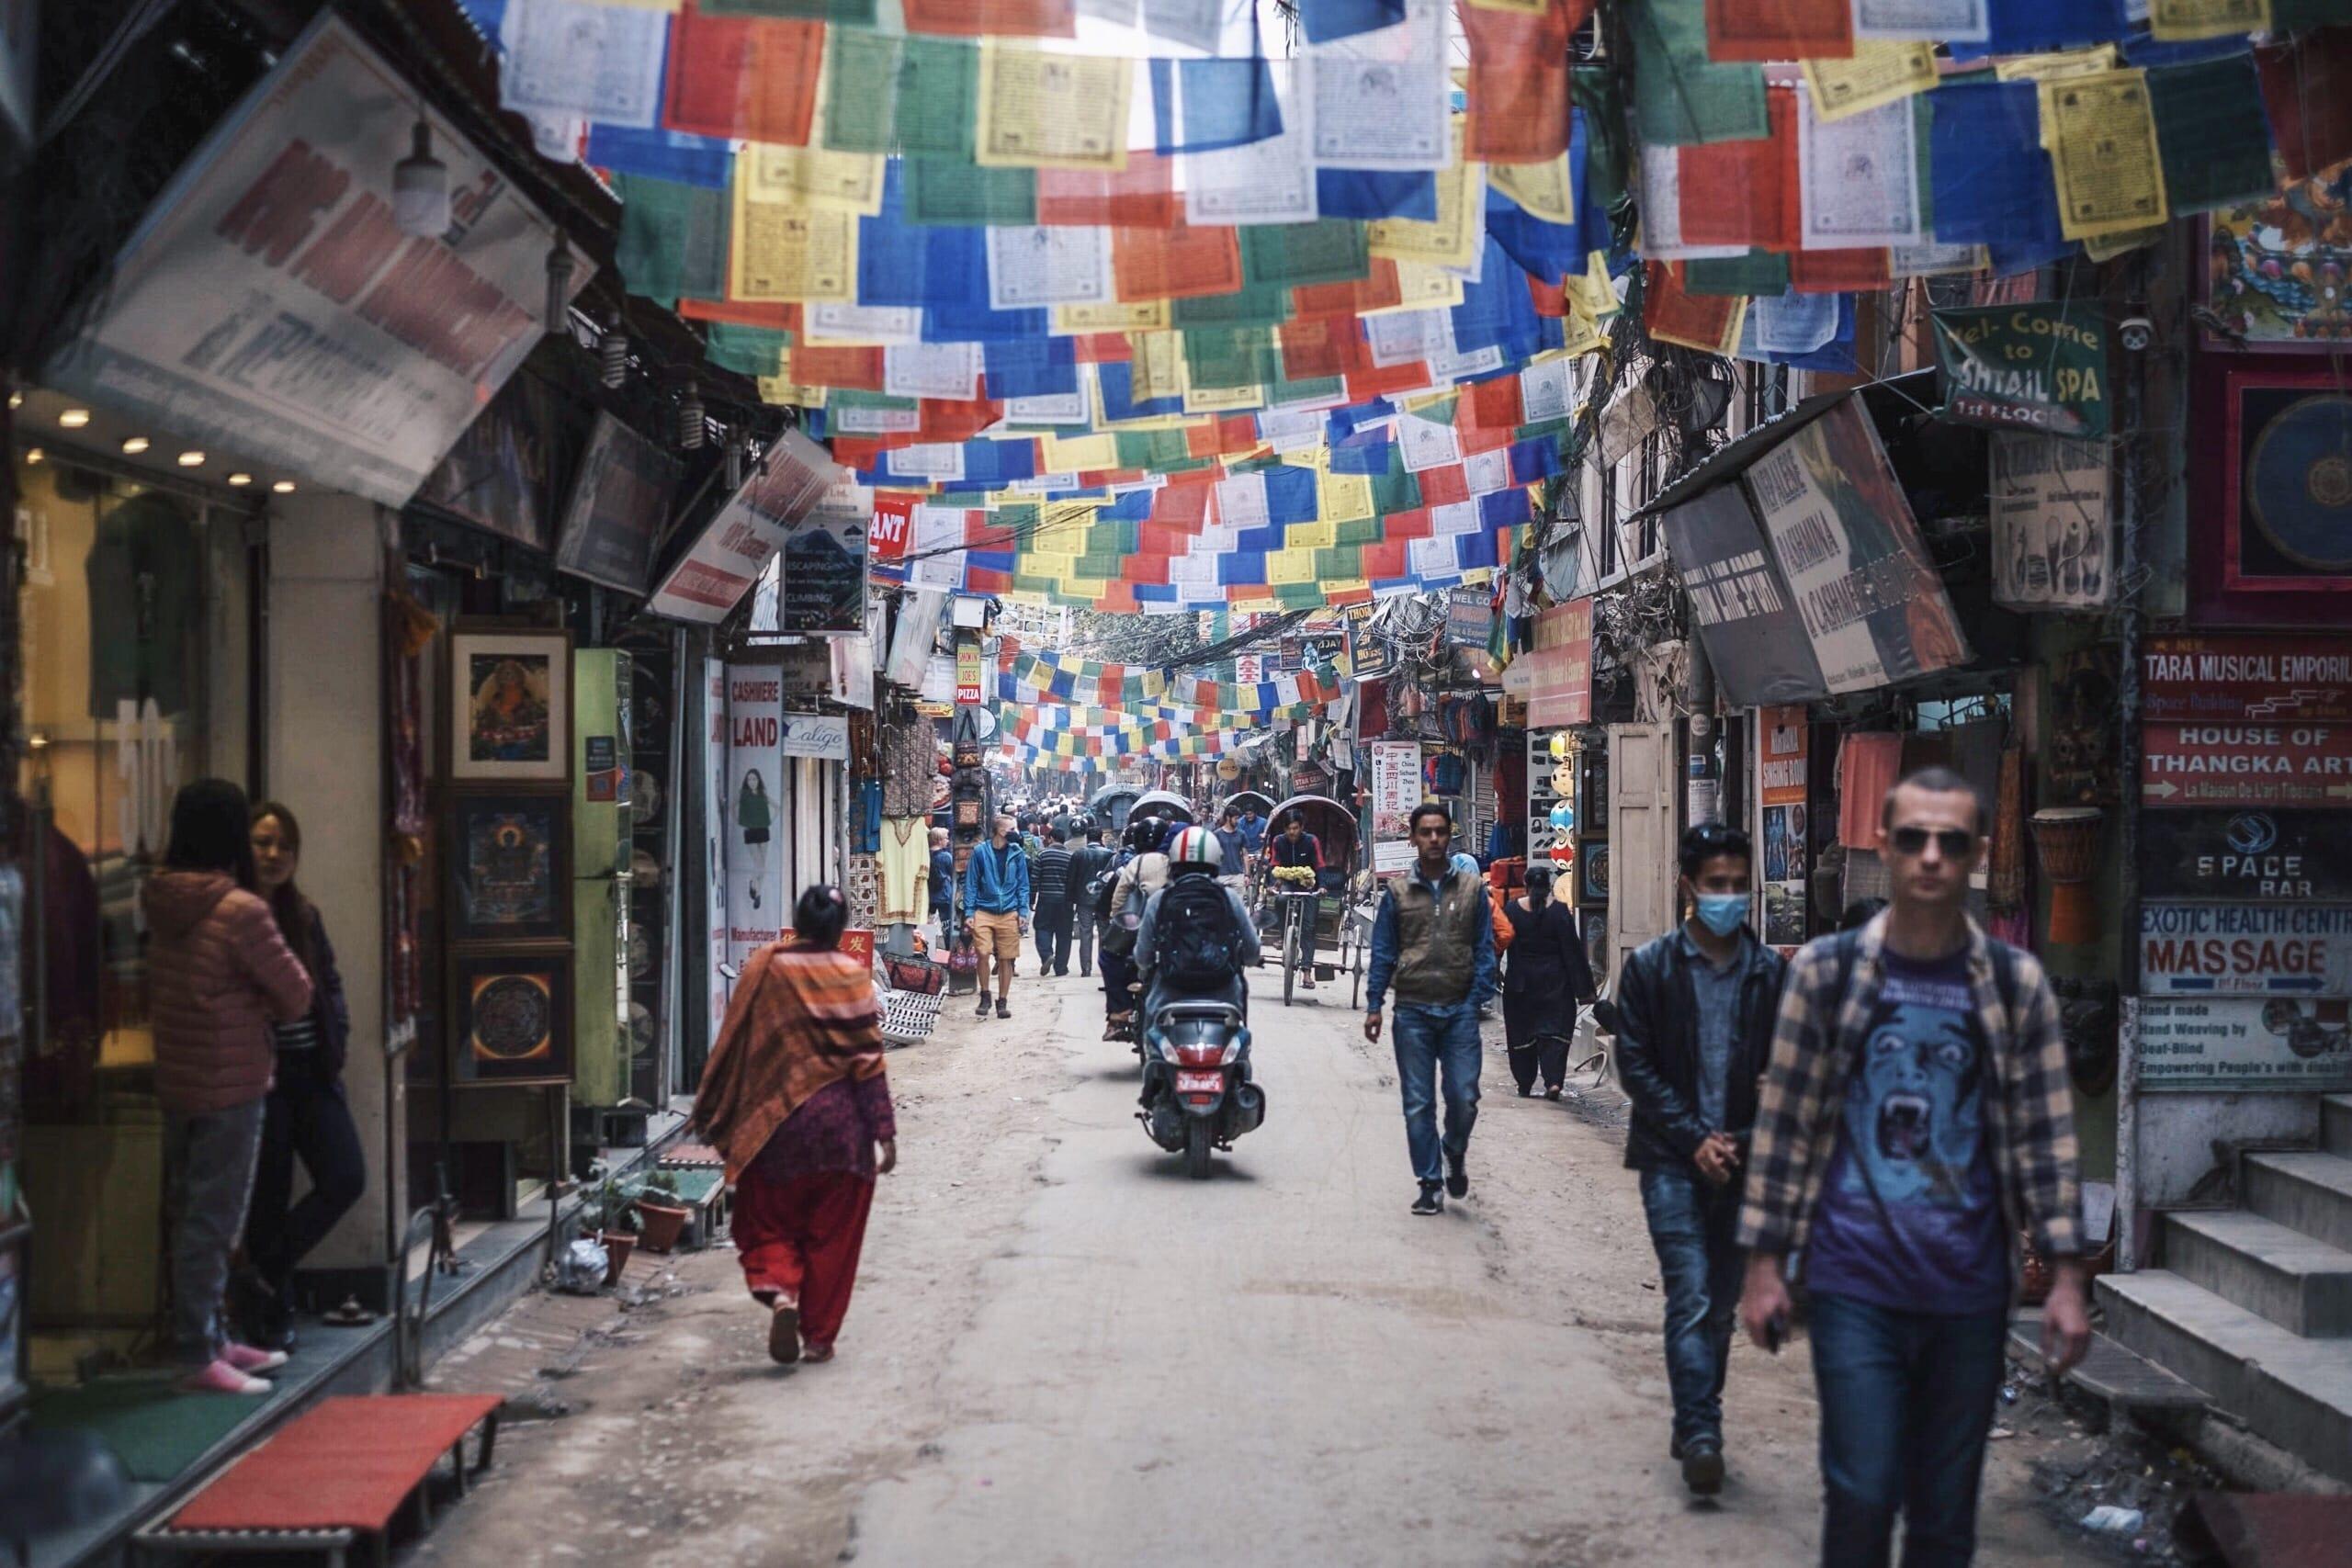 ネパール旅行を楽しむために。14日間の滞在費用と1週間の予算まとめ|ネパール